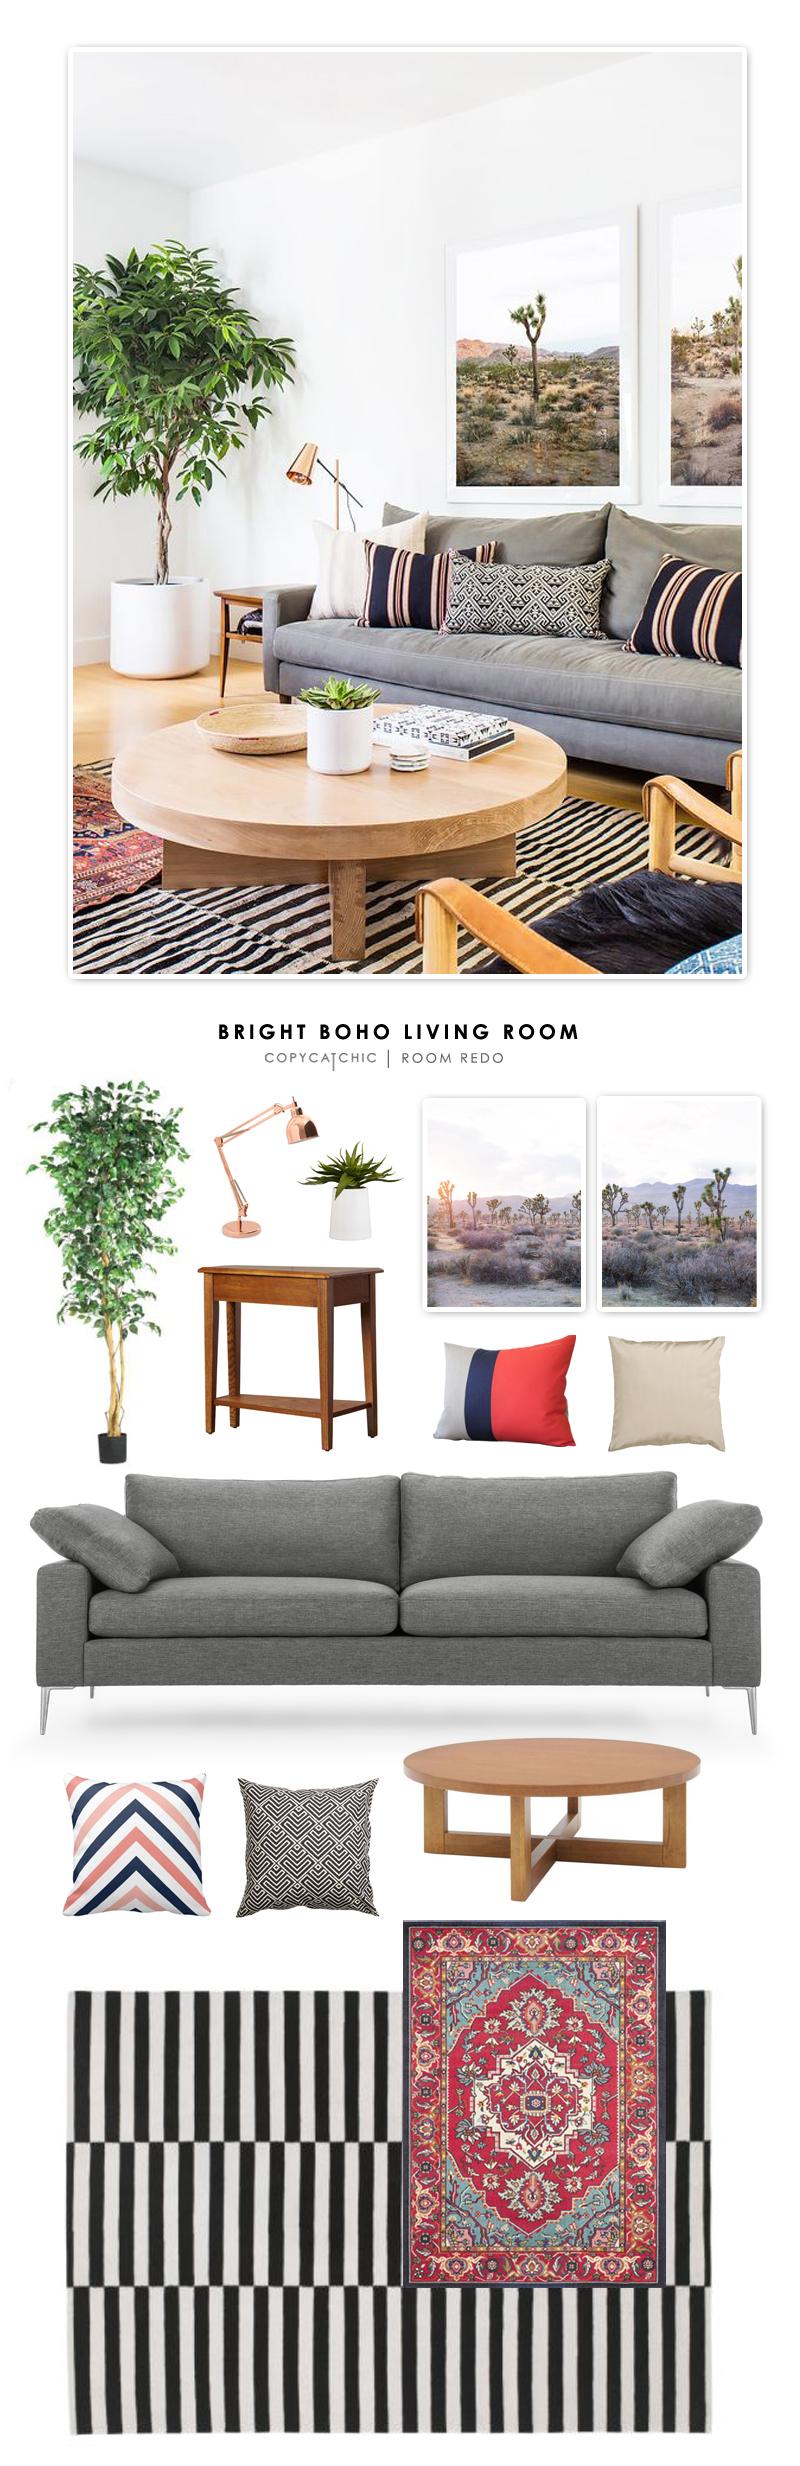 Copy Cat Chic Room Redo Bright Boho Living Room